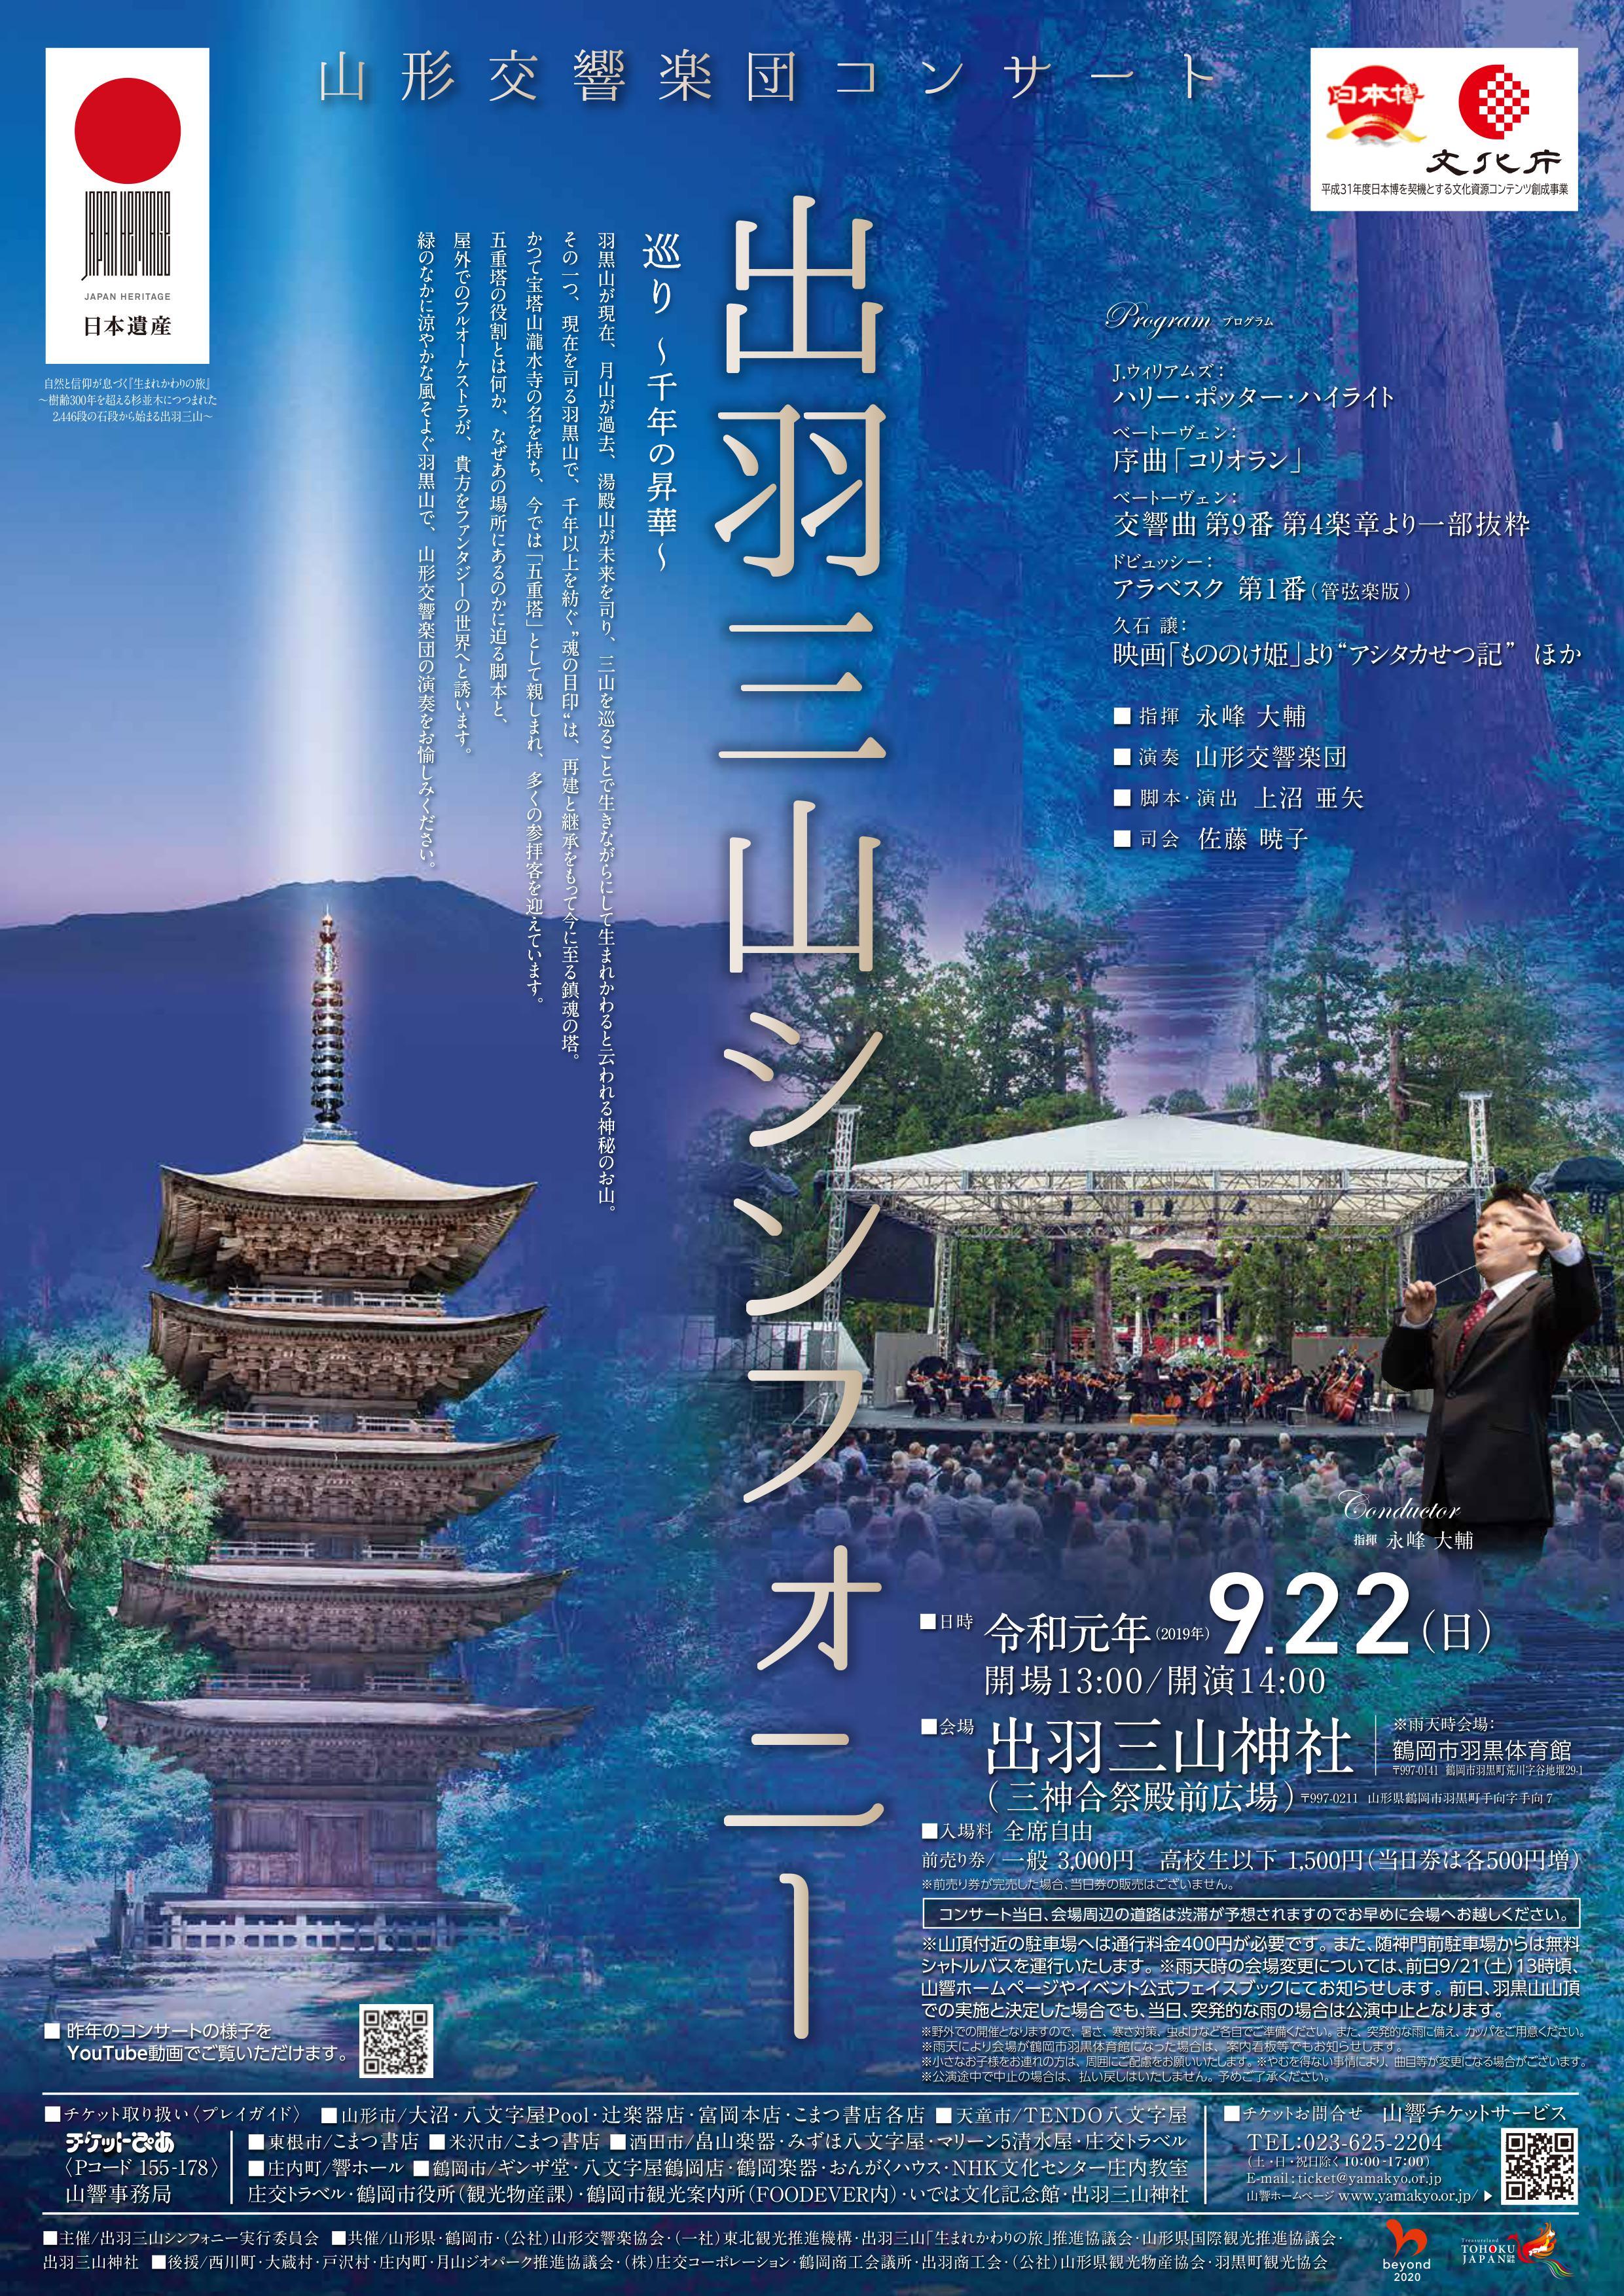 山形交響楽団コンサート<br>出羽三山シンフォニー 2019